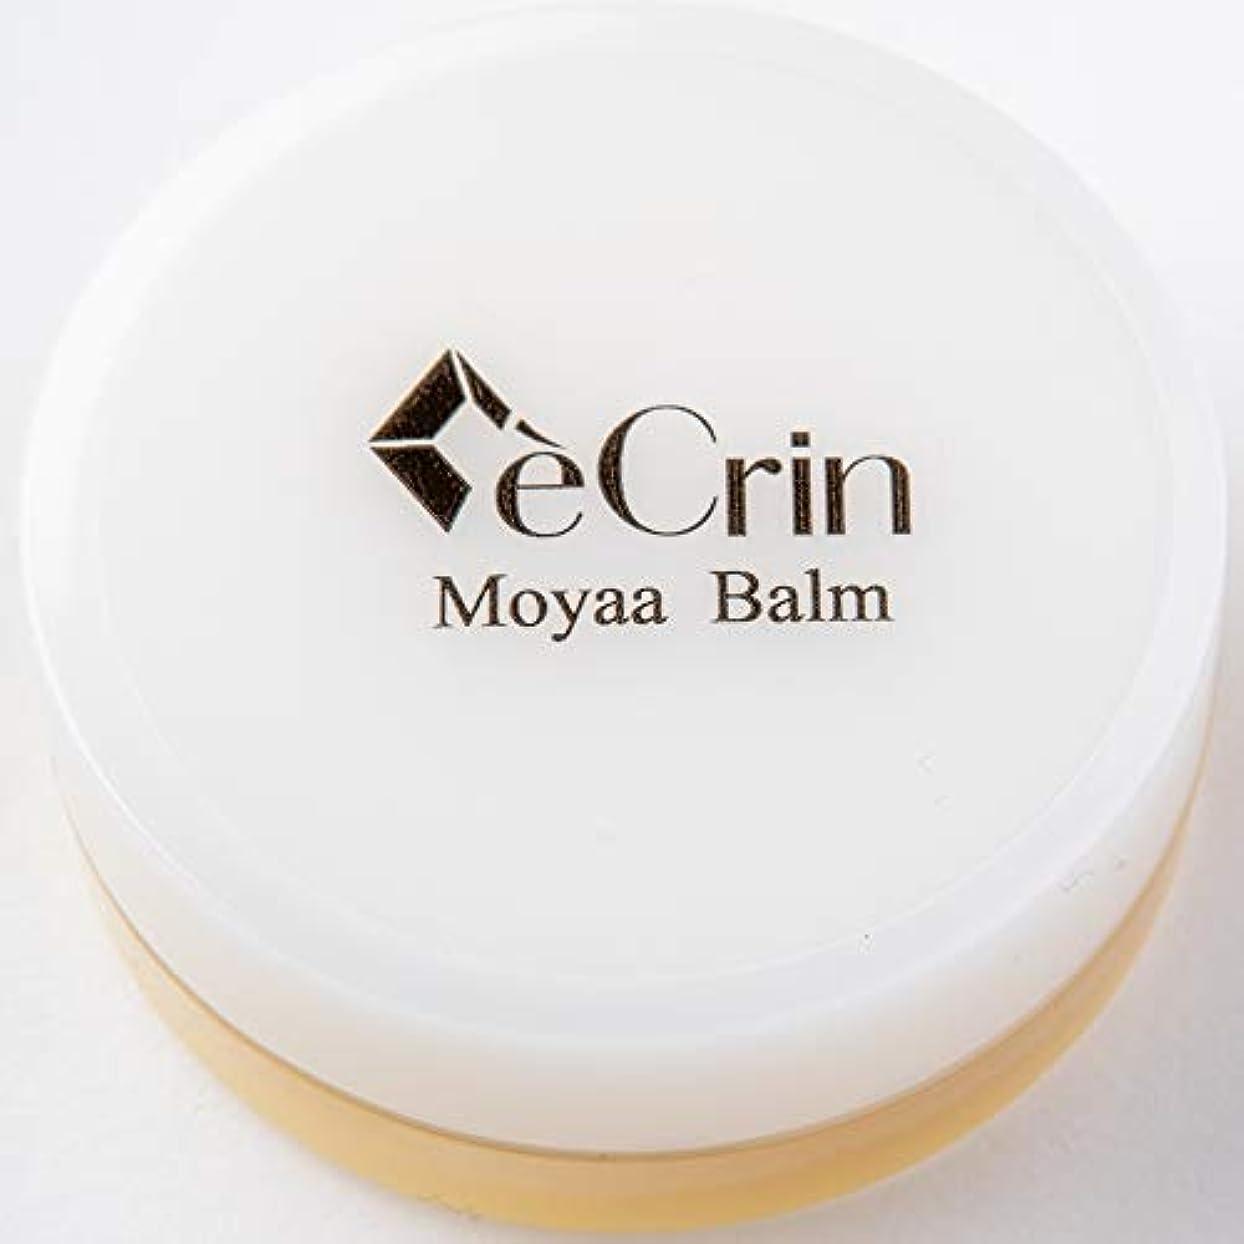 有害な加害者近々Moyaa Balm (モーヤバーム)天然成分のみで仕上げたシアバター white 無添加 天然成分100%